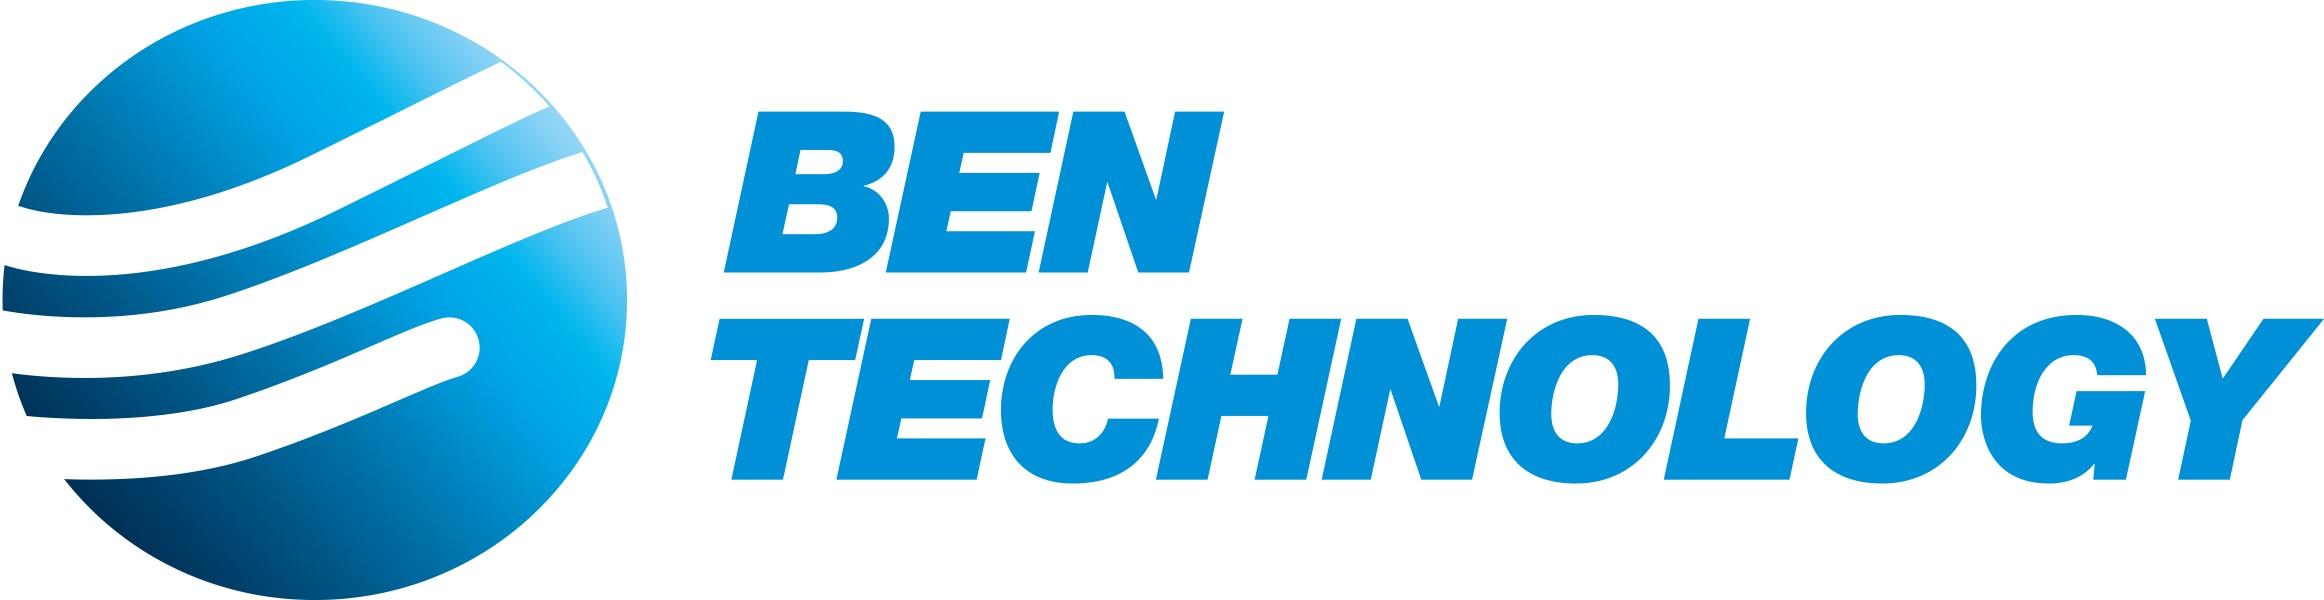 BEN TECHNOLOGY